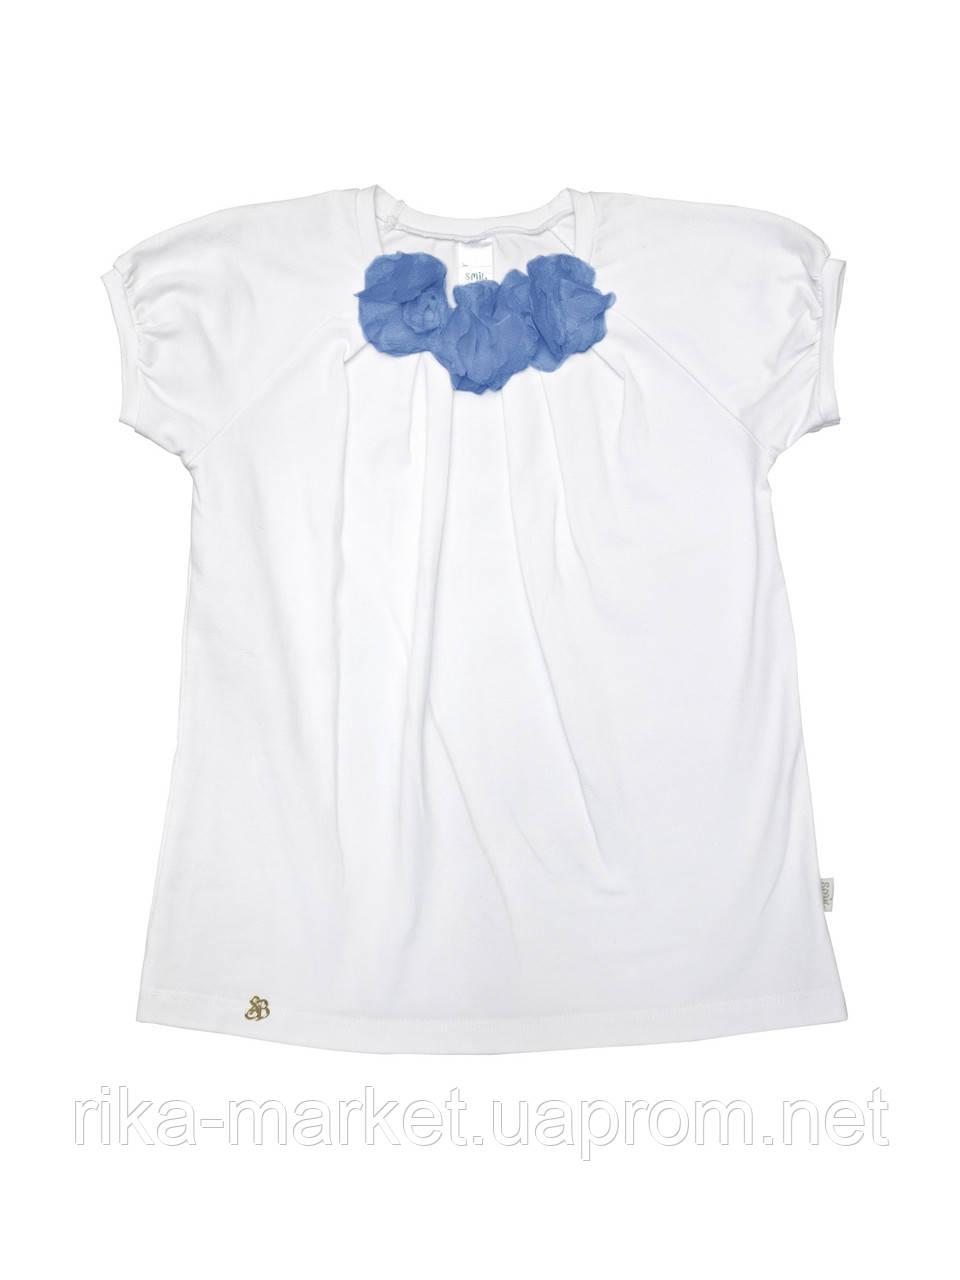 Блуза для девочки короткий рукав арт. 114423